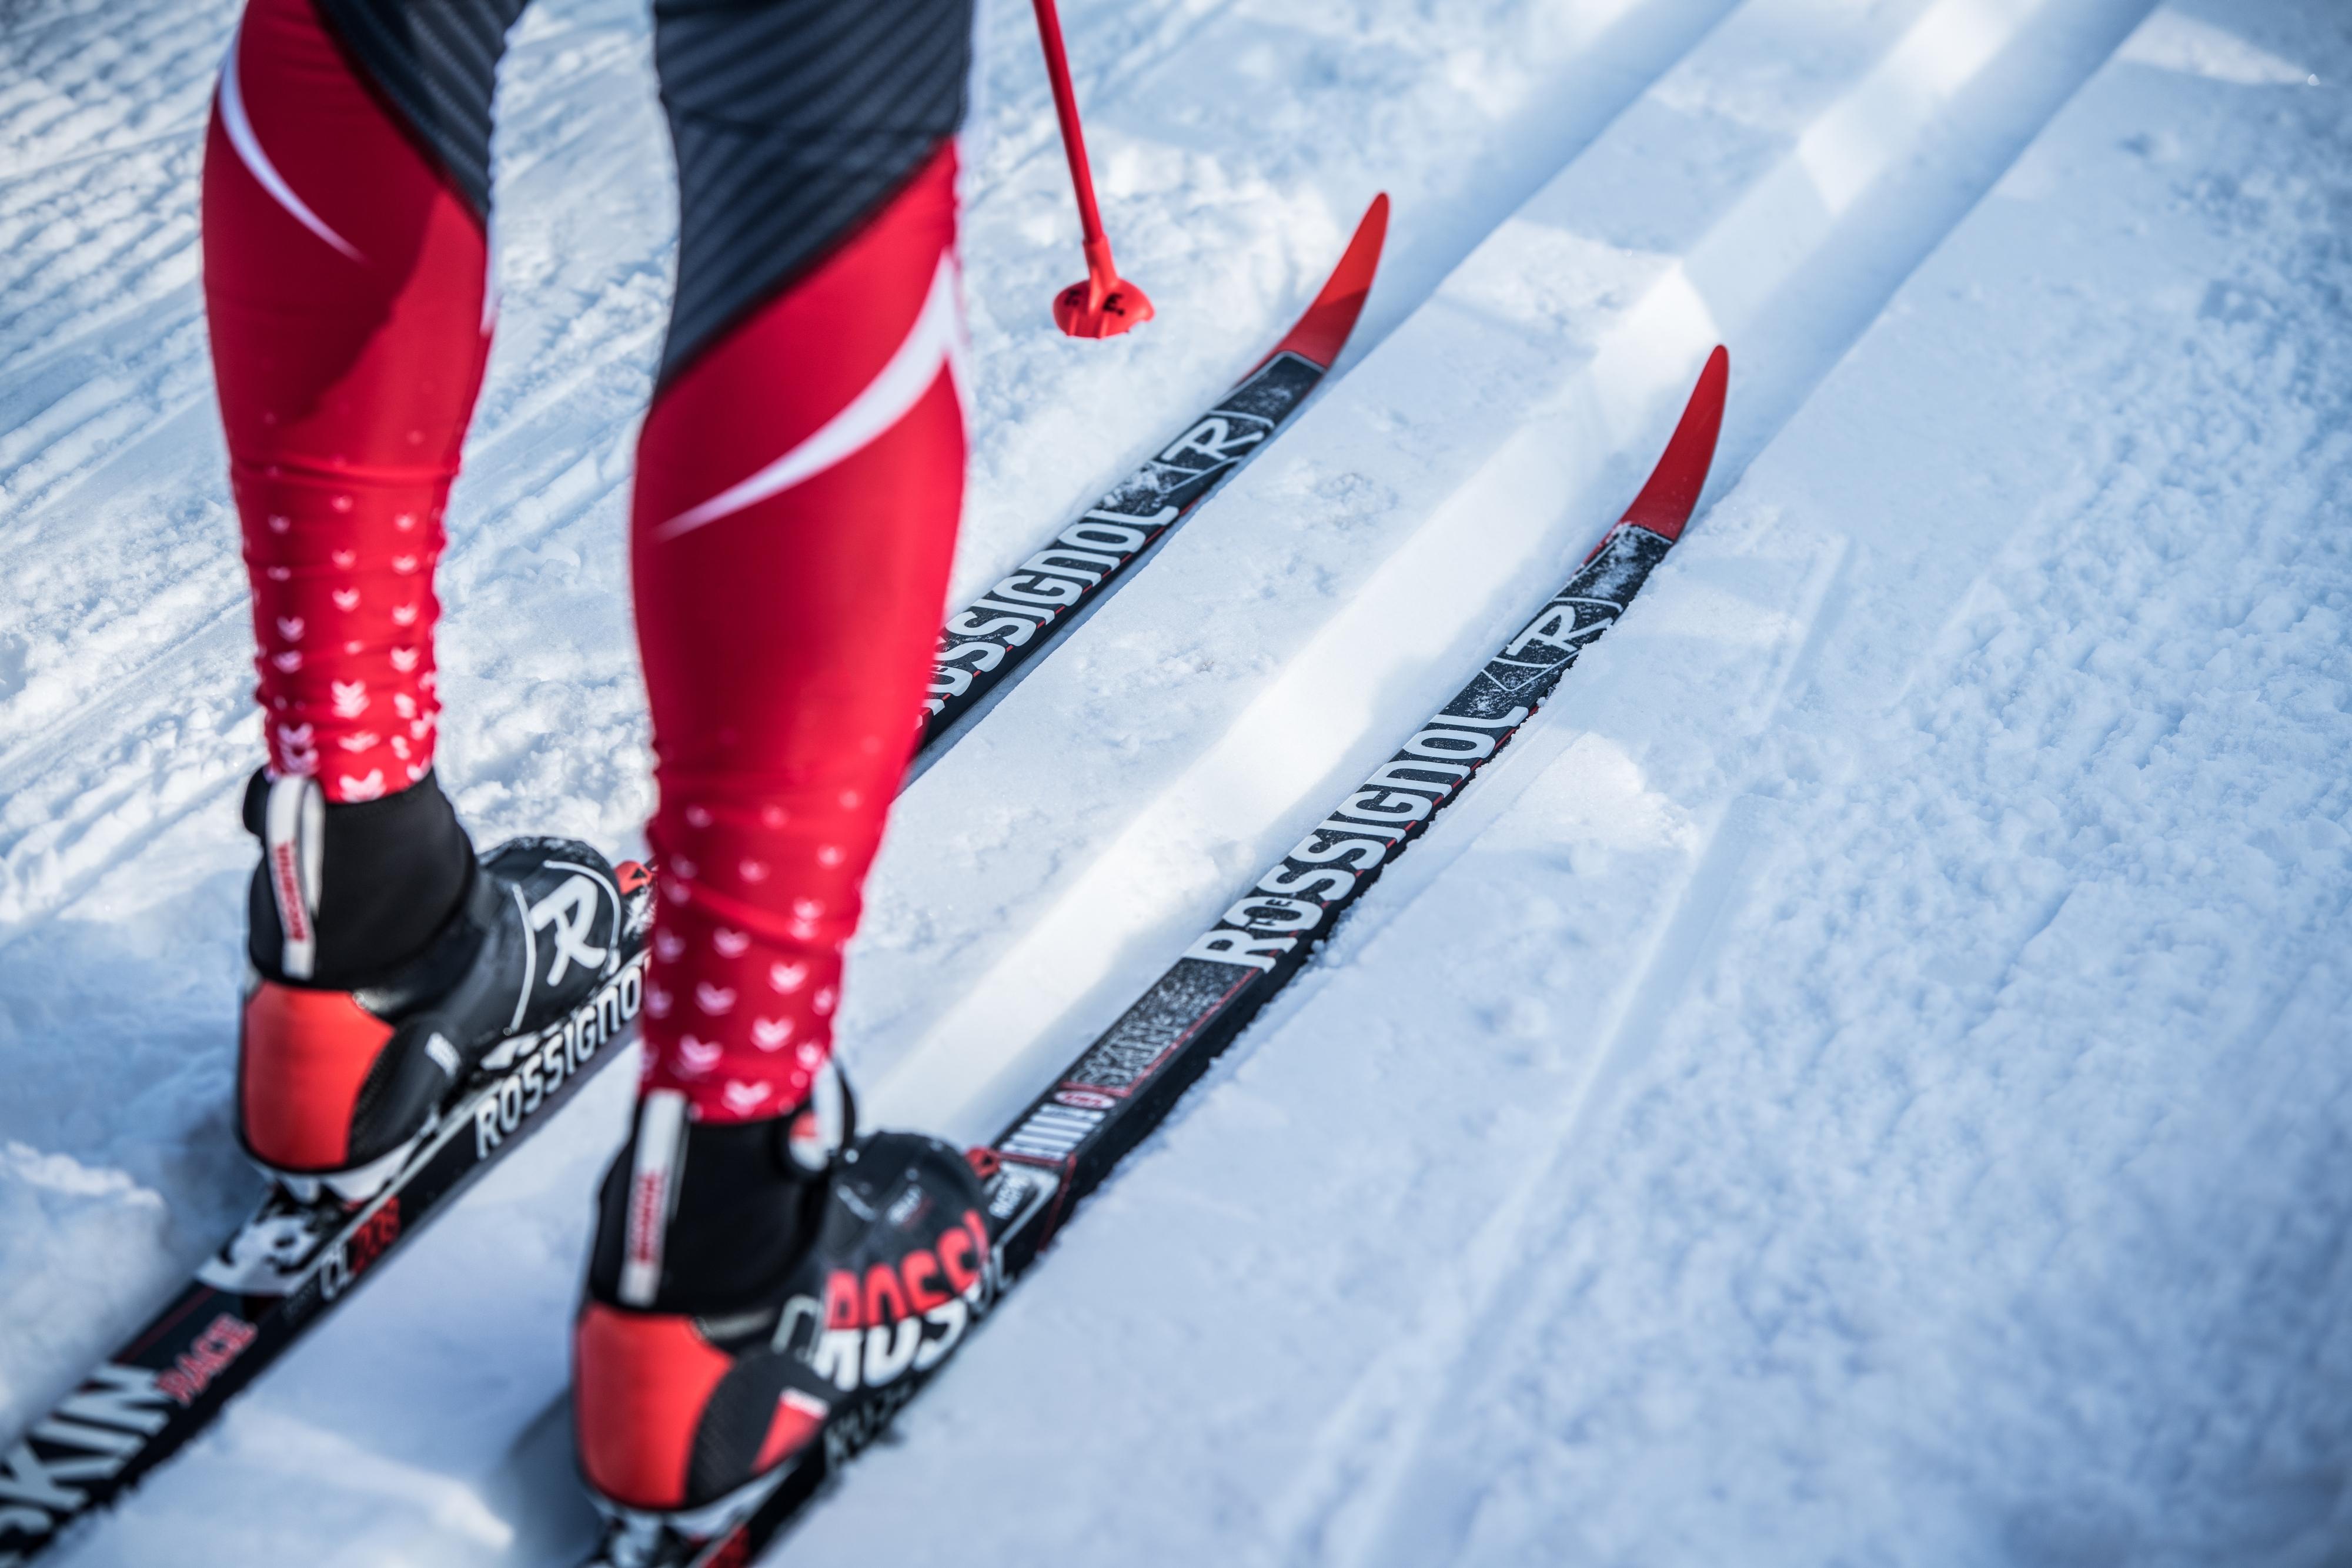 Langlauf Ski Ausrüstung Winter Sport